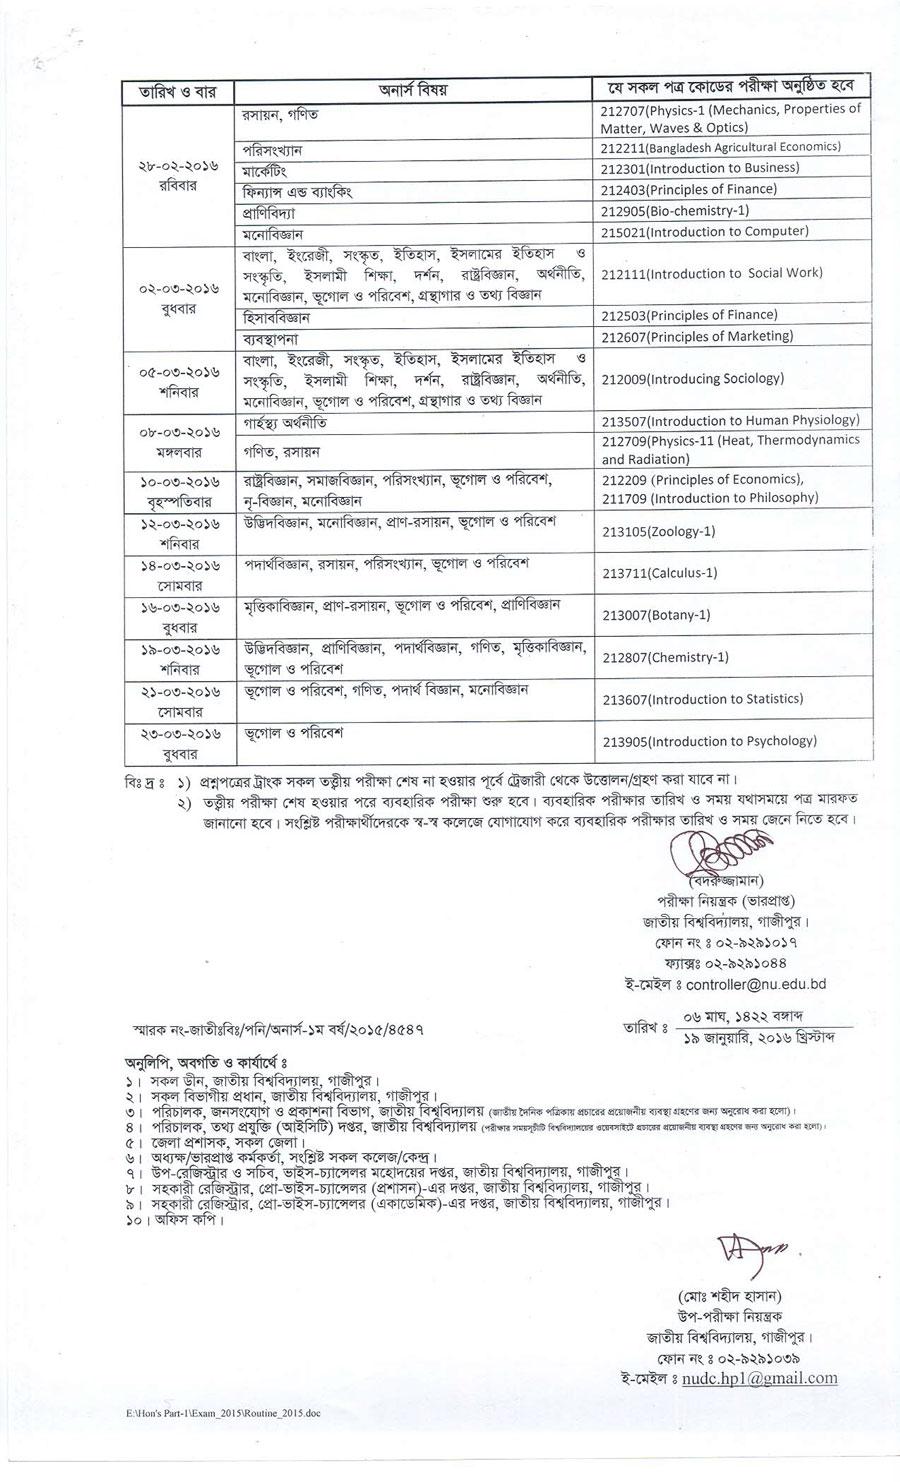 NU Honours 1st Year Changed Revised Routine 2016 - nu.edu.bd